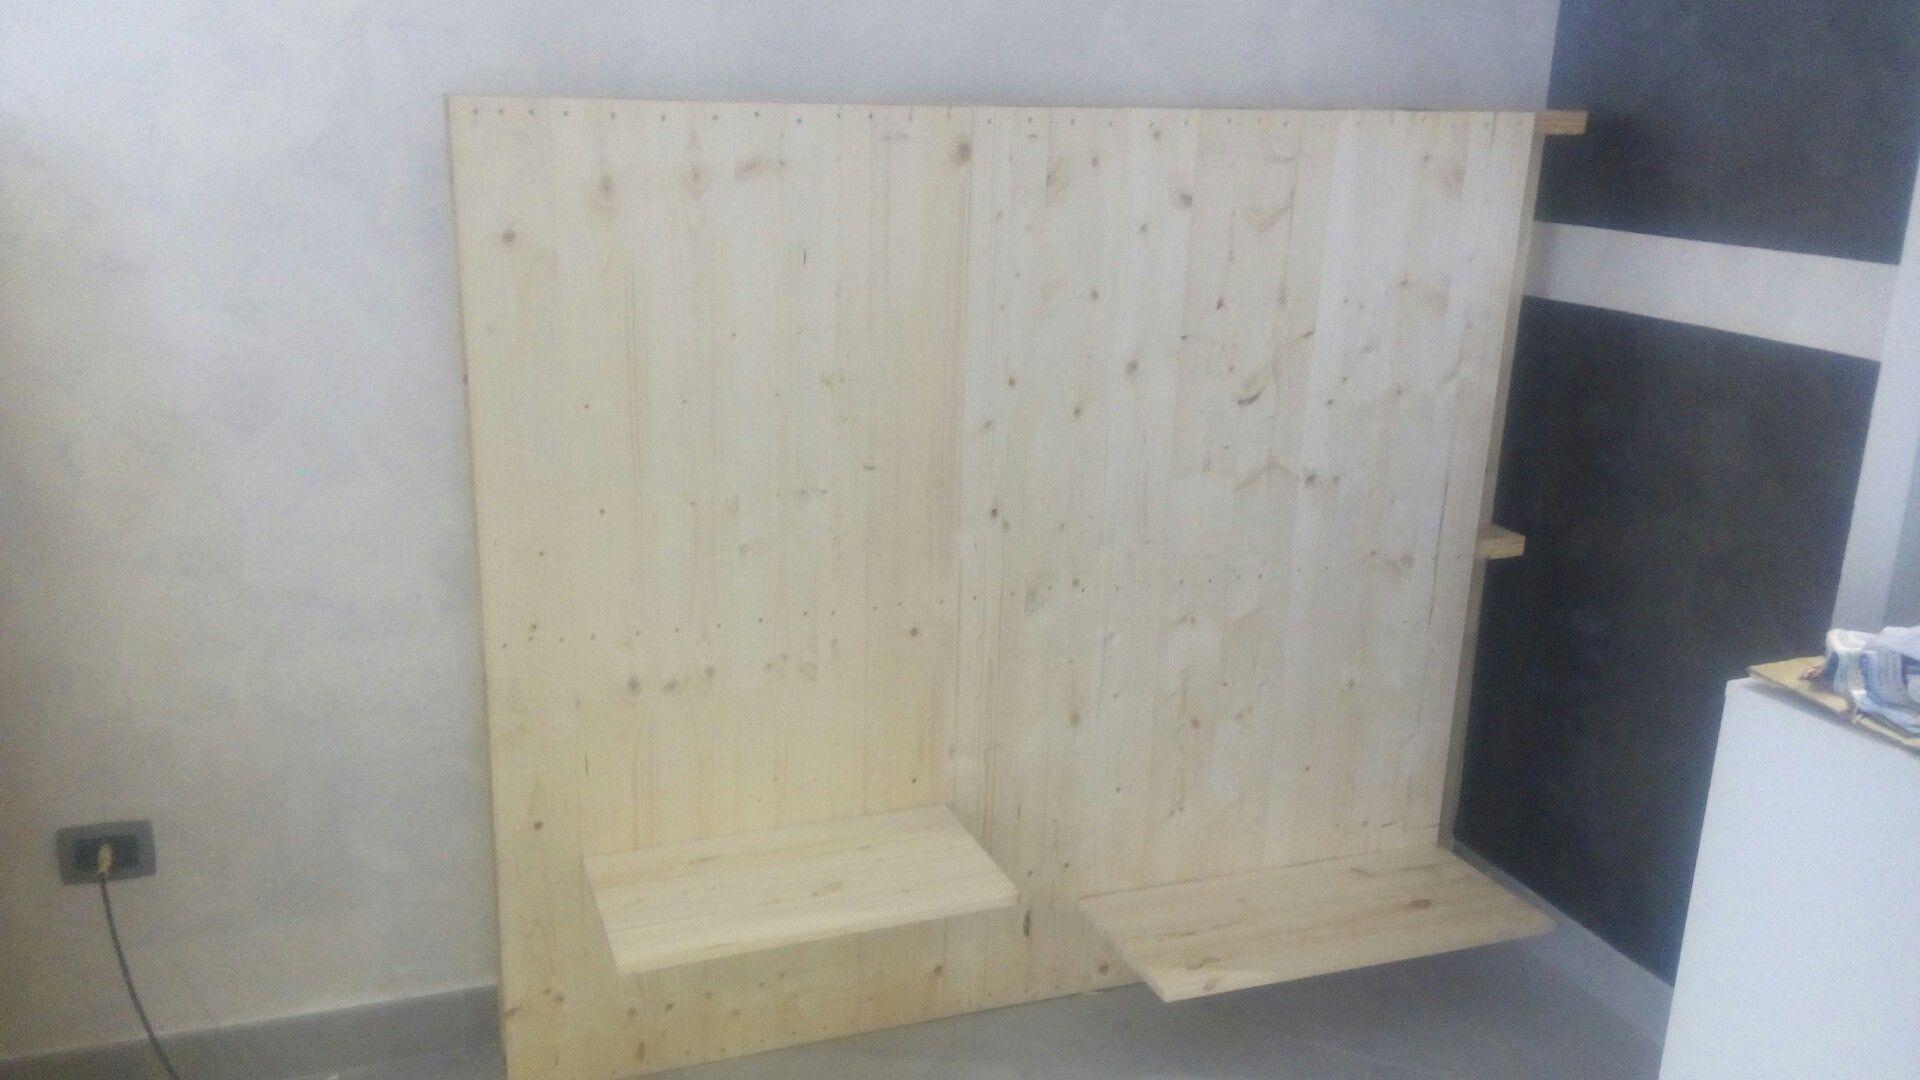 Arredare negozio abbigliamento con bancali pallets in modo ecosostenibile In questo caso abbiamo recuperato delle tavole di legno tagliate…